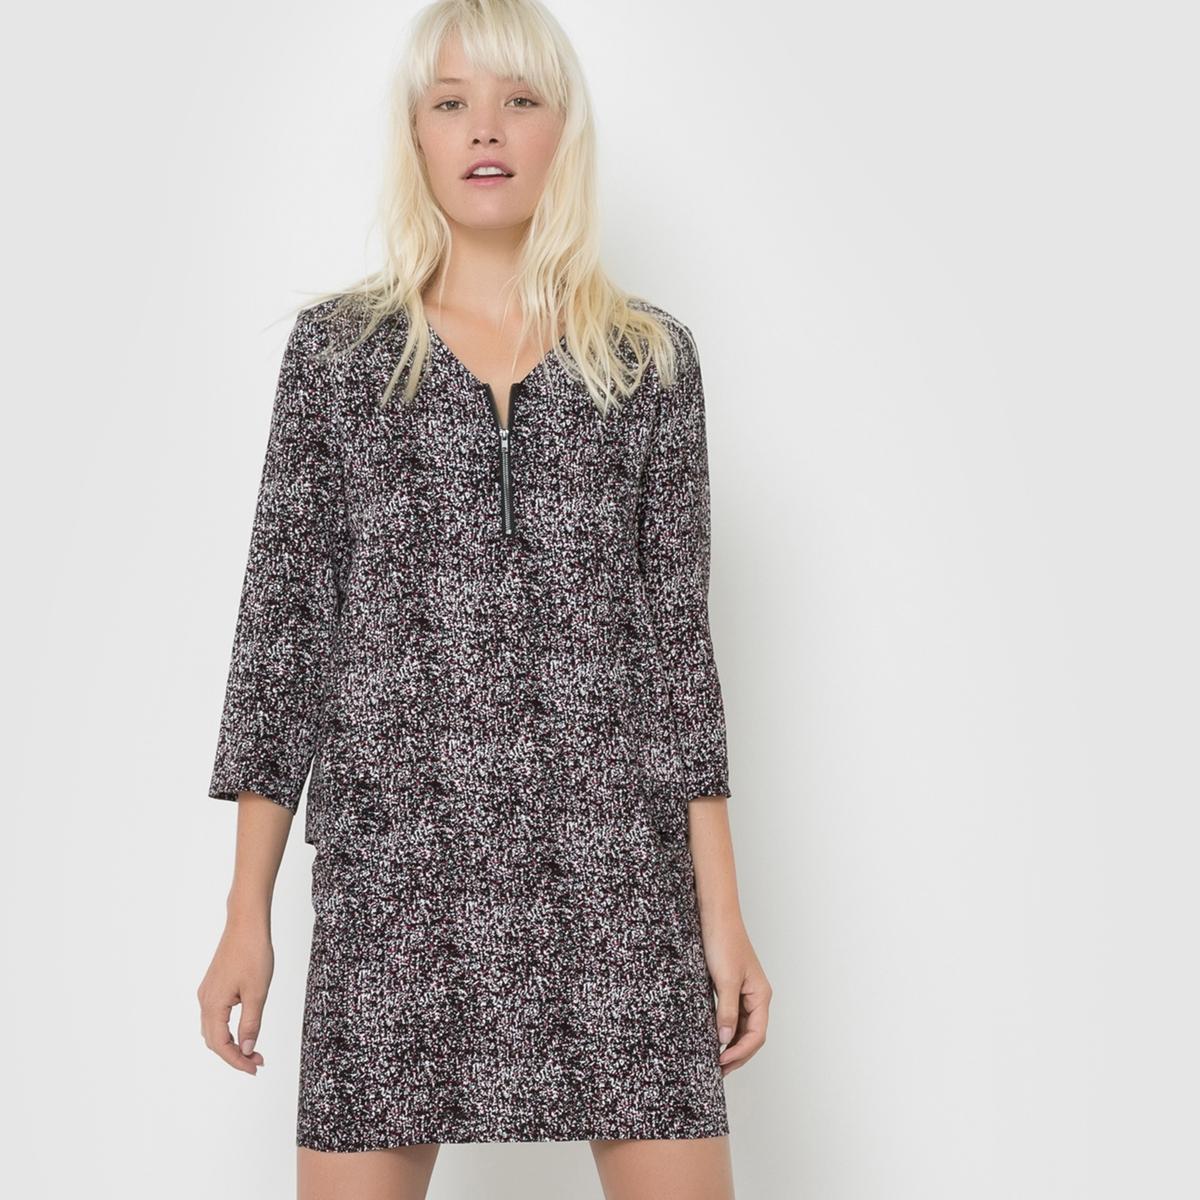 Платье прямого покроя из струящейся тканиСостав и описаниеМатериалы : 100% вискозыМарка : Best MountainУходСоблюдайте рекомендации по уходу, указанные на этикетке<br><br>Цвет: черный наб. рисунок<br>Размер: S.M